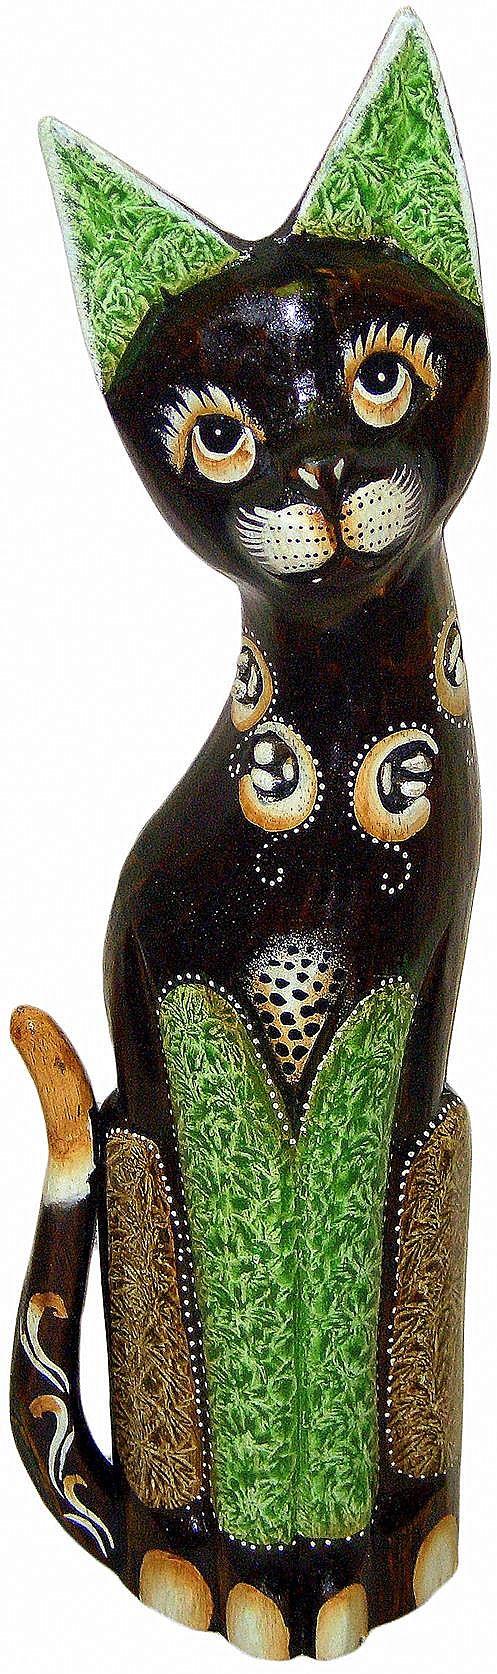 Экзотические сувениры, подарки, сувениры, Индонезия, Бали, предметы интерьера, маски, музыкальные инструменты, статуэтки, аборигены, Хиус-экзотические сувениры